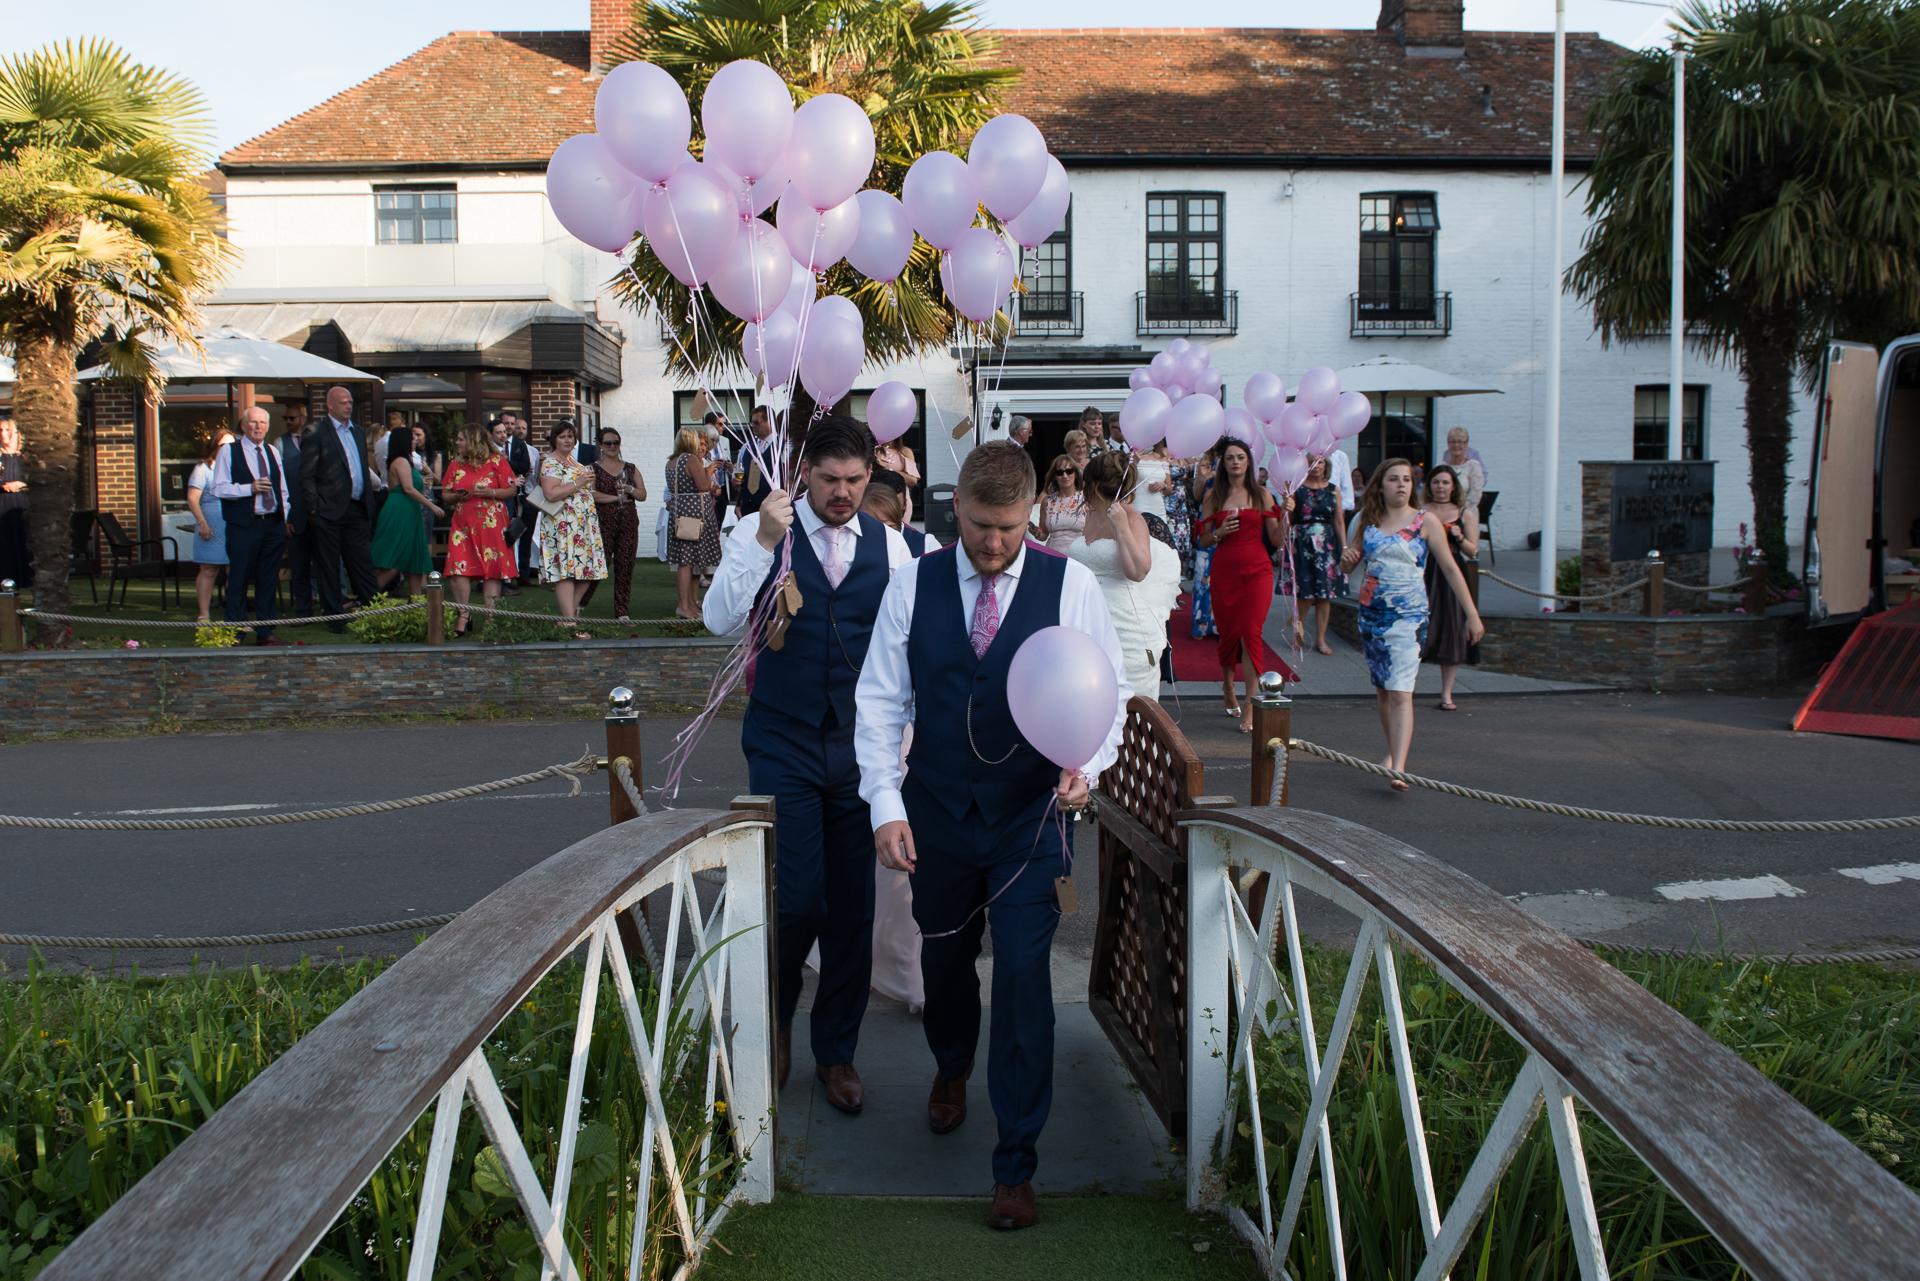 Frensham-Pond-Hotel-wedding_70.JPG